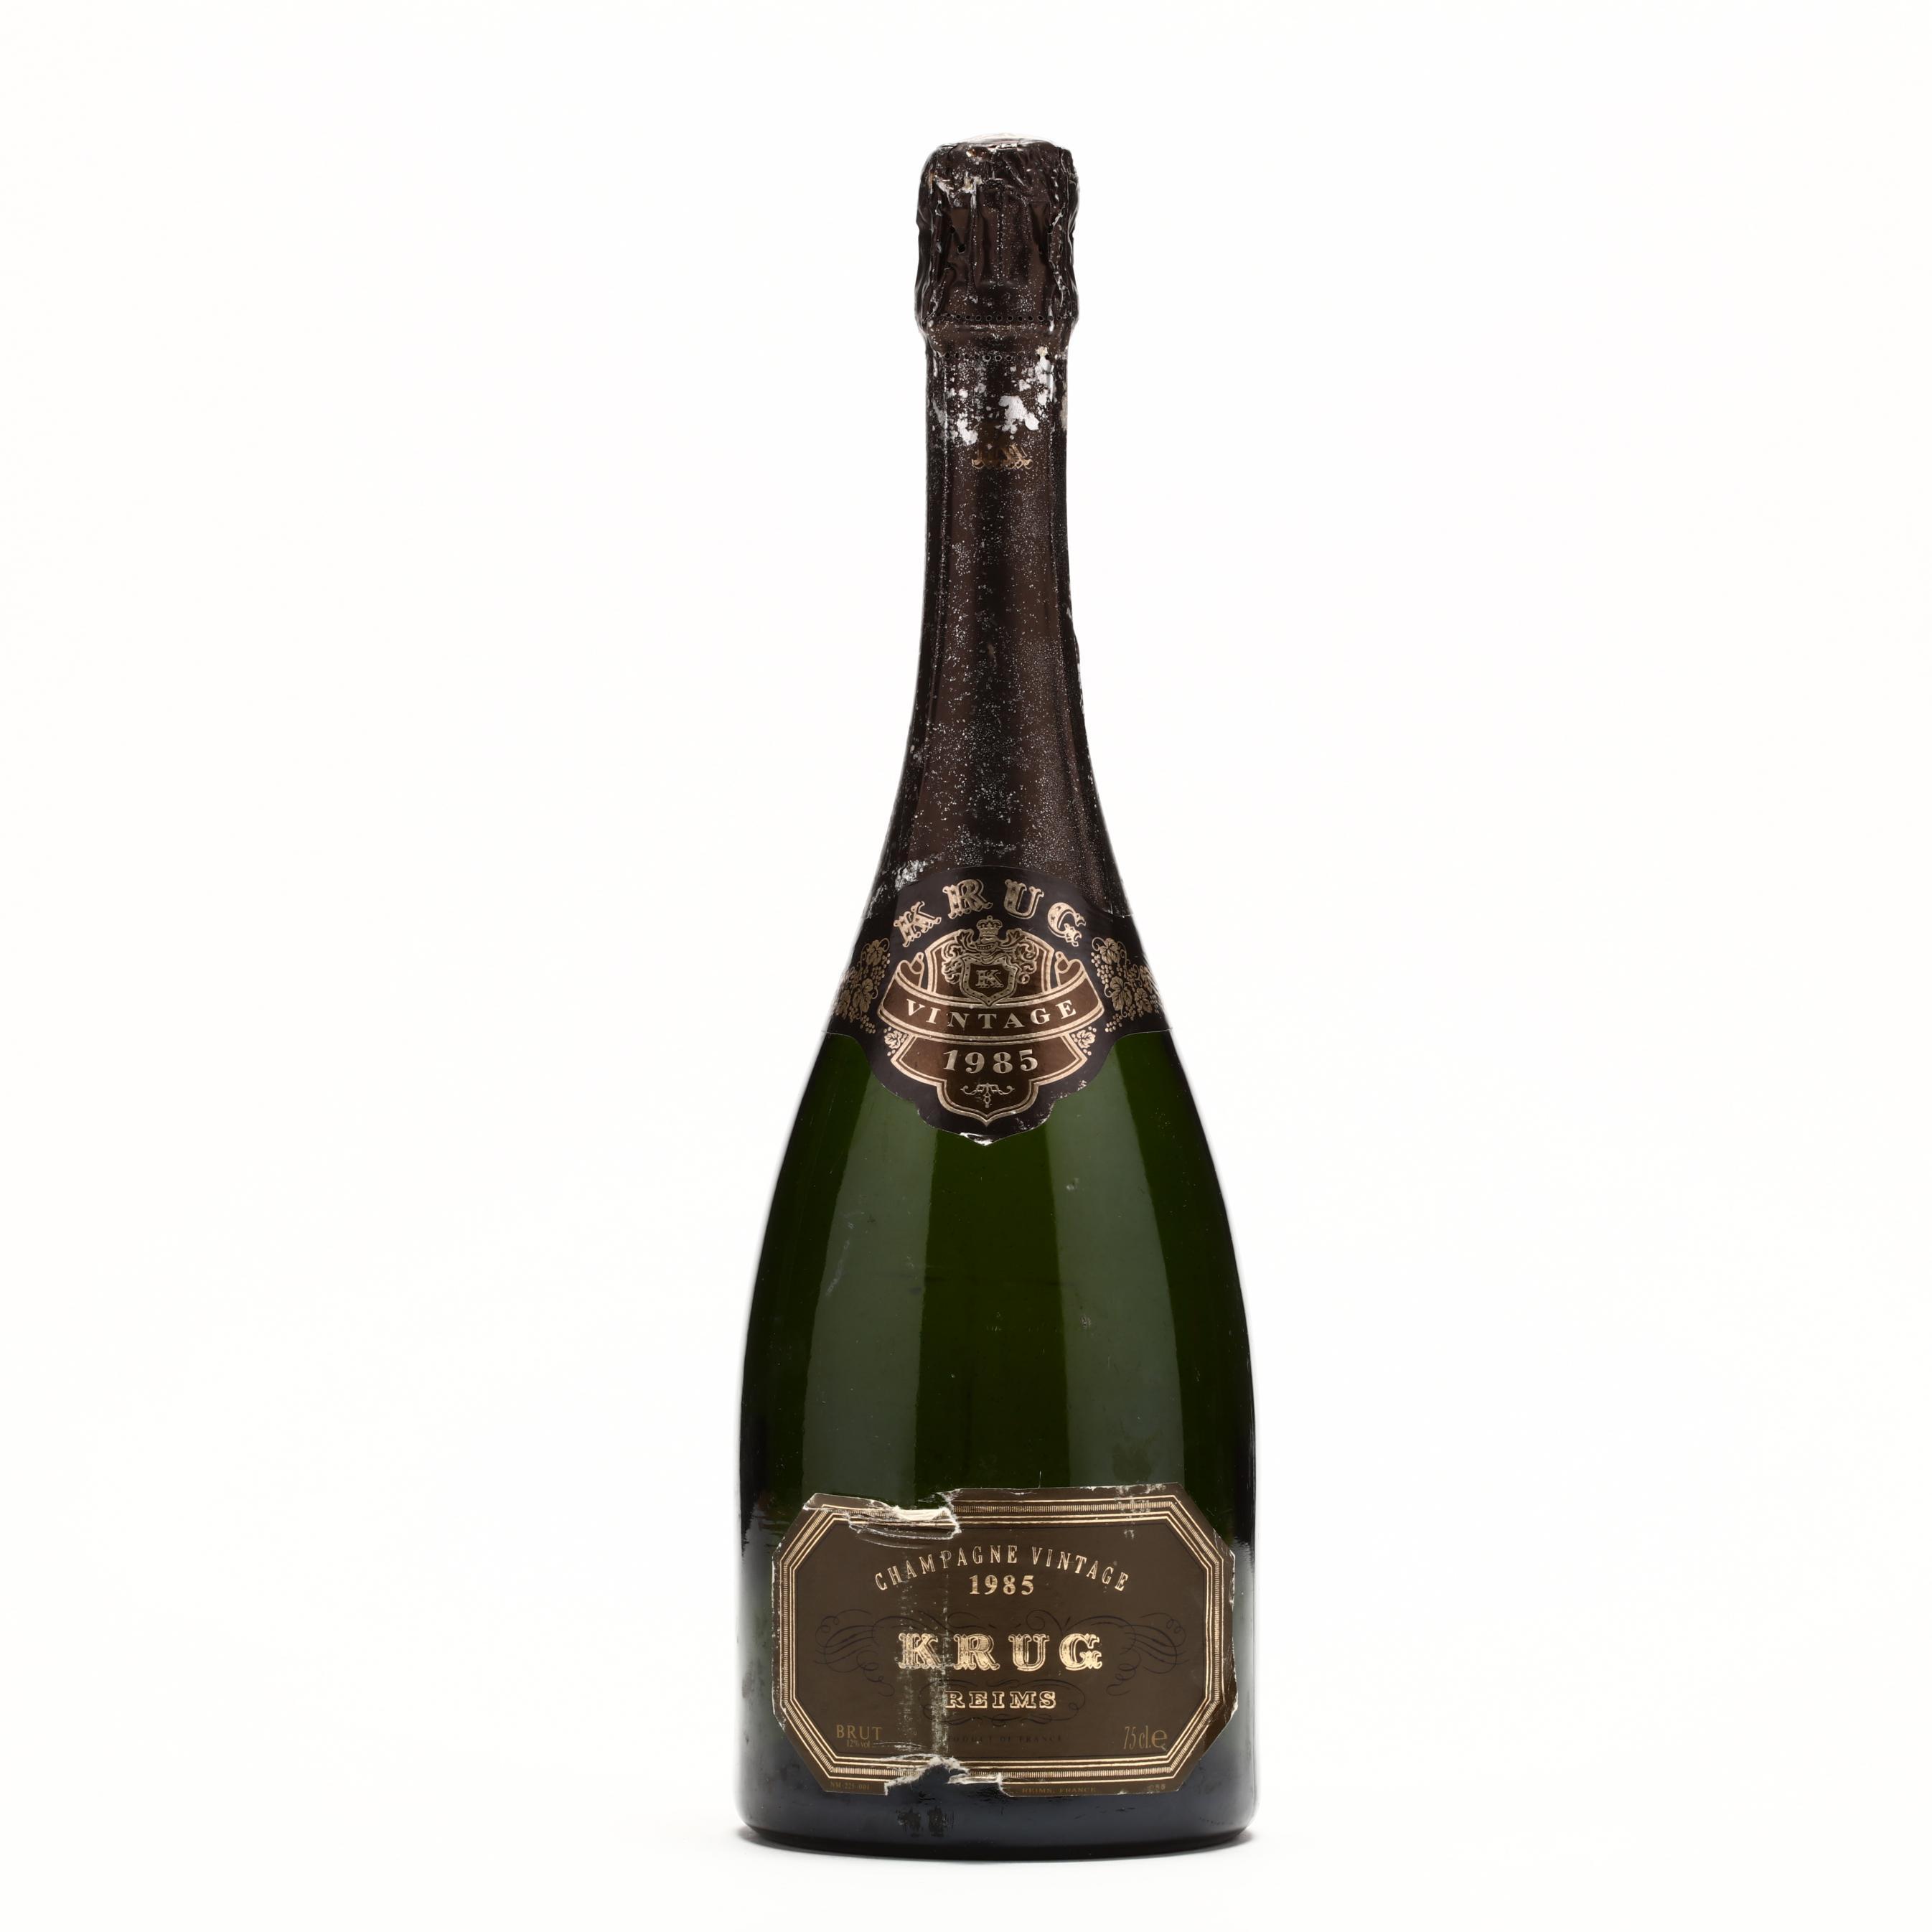 krug-champagne-vintage-1985